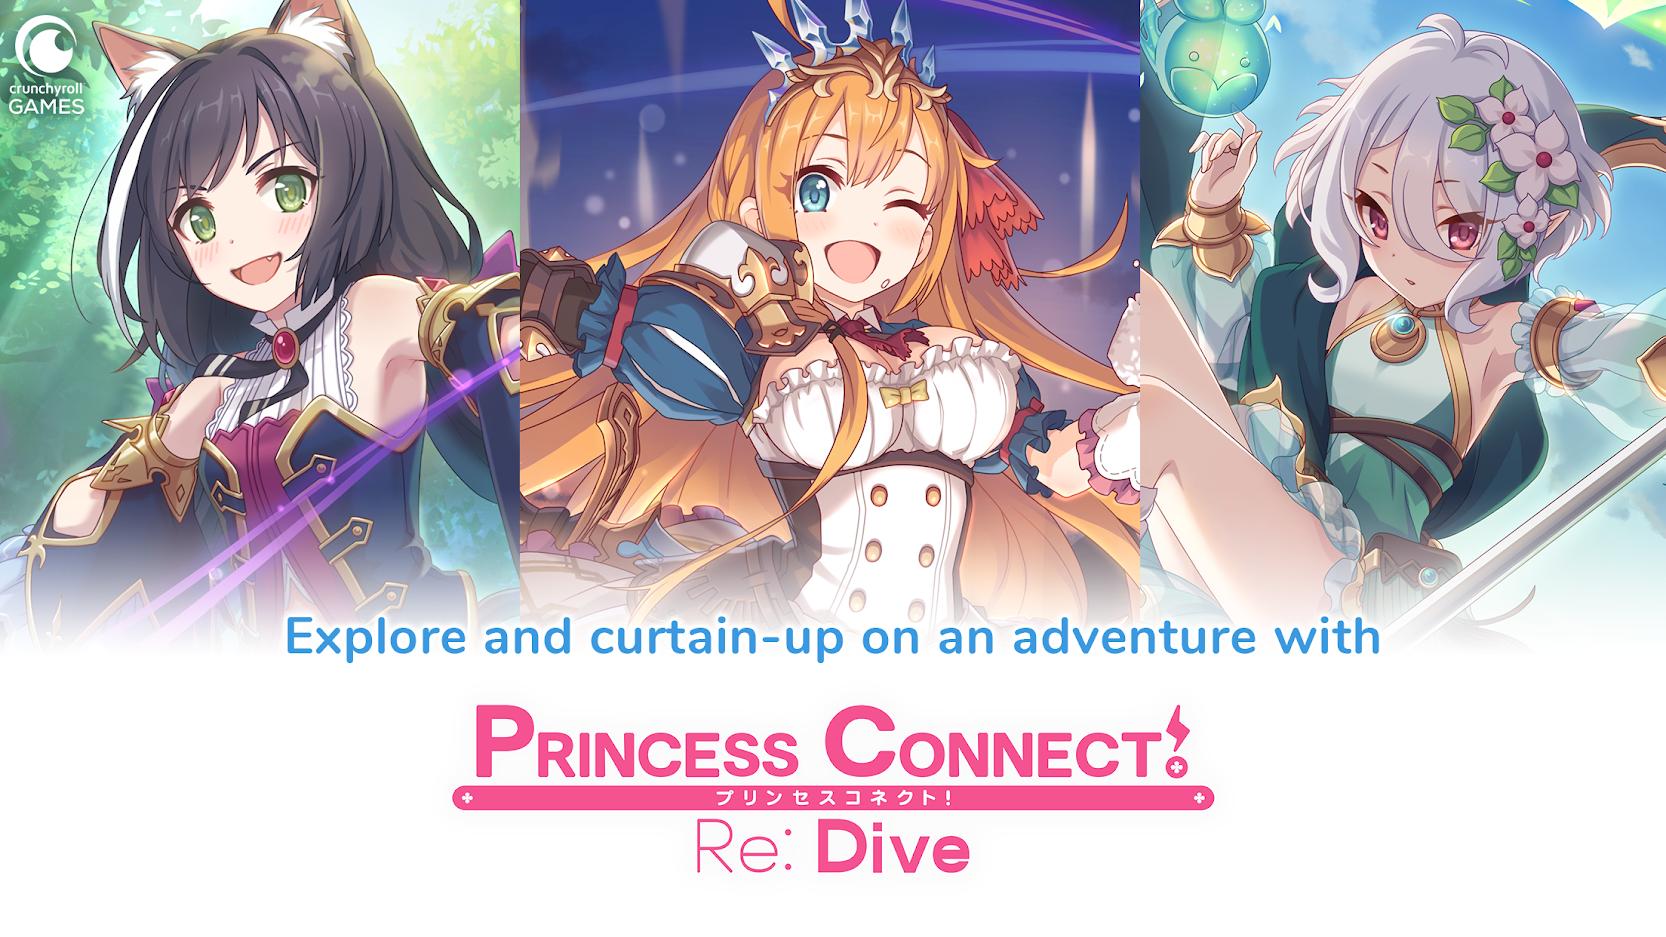 Princess Connect! Re: Dive release